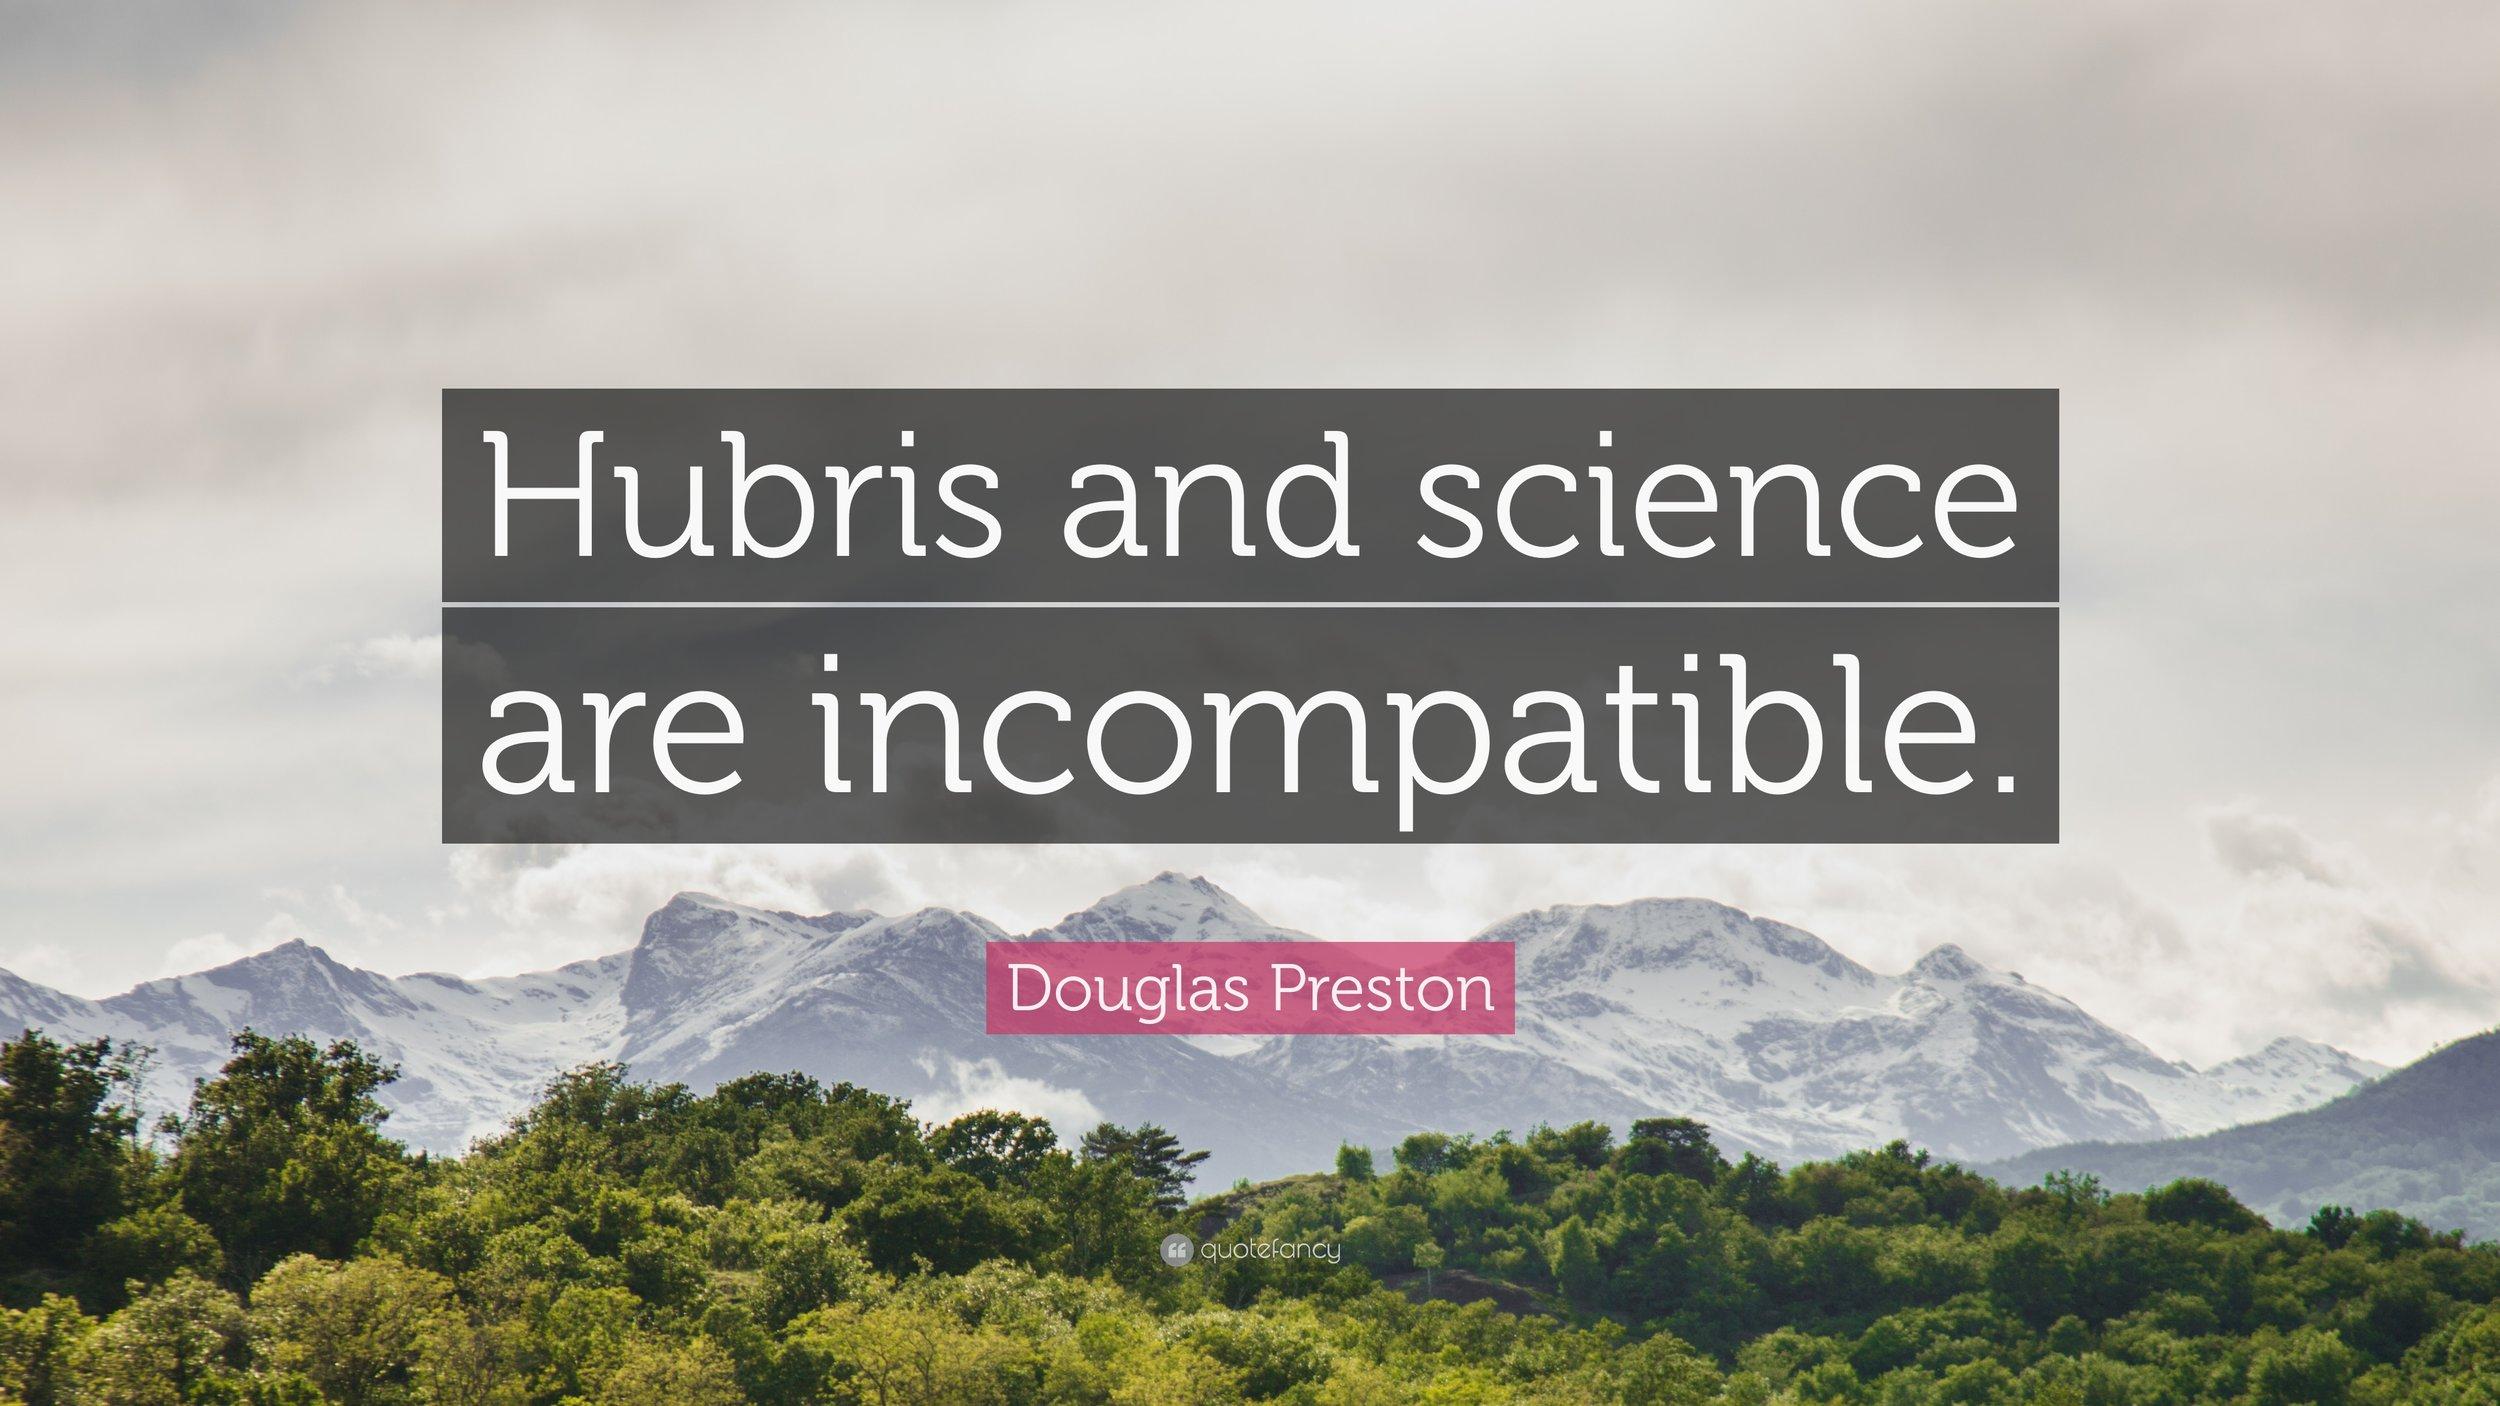 1383373-Douglas-Preston-Quote-Hubris-and-science-are-incompatible.jpg